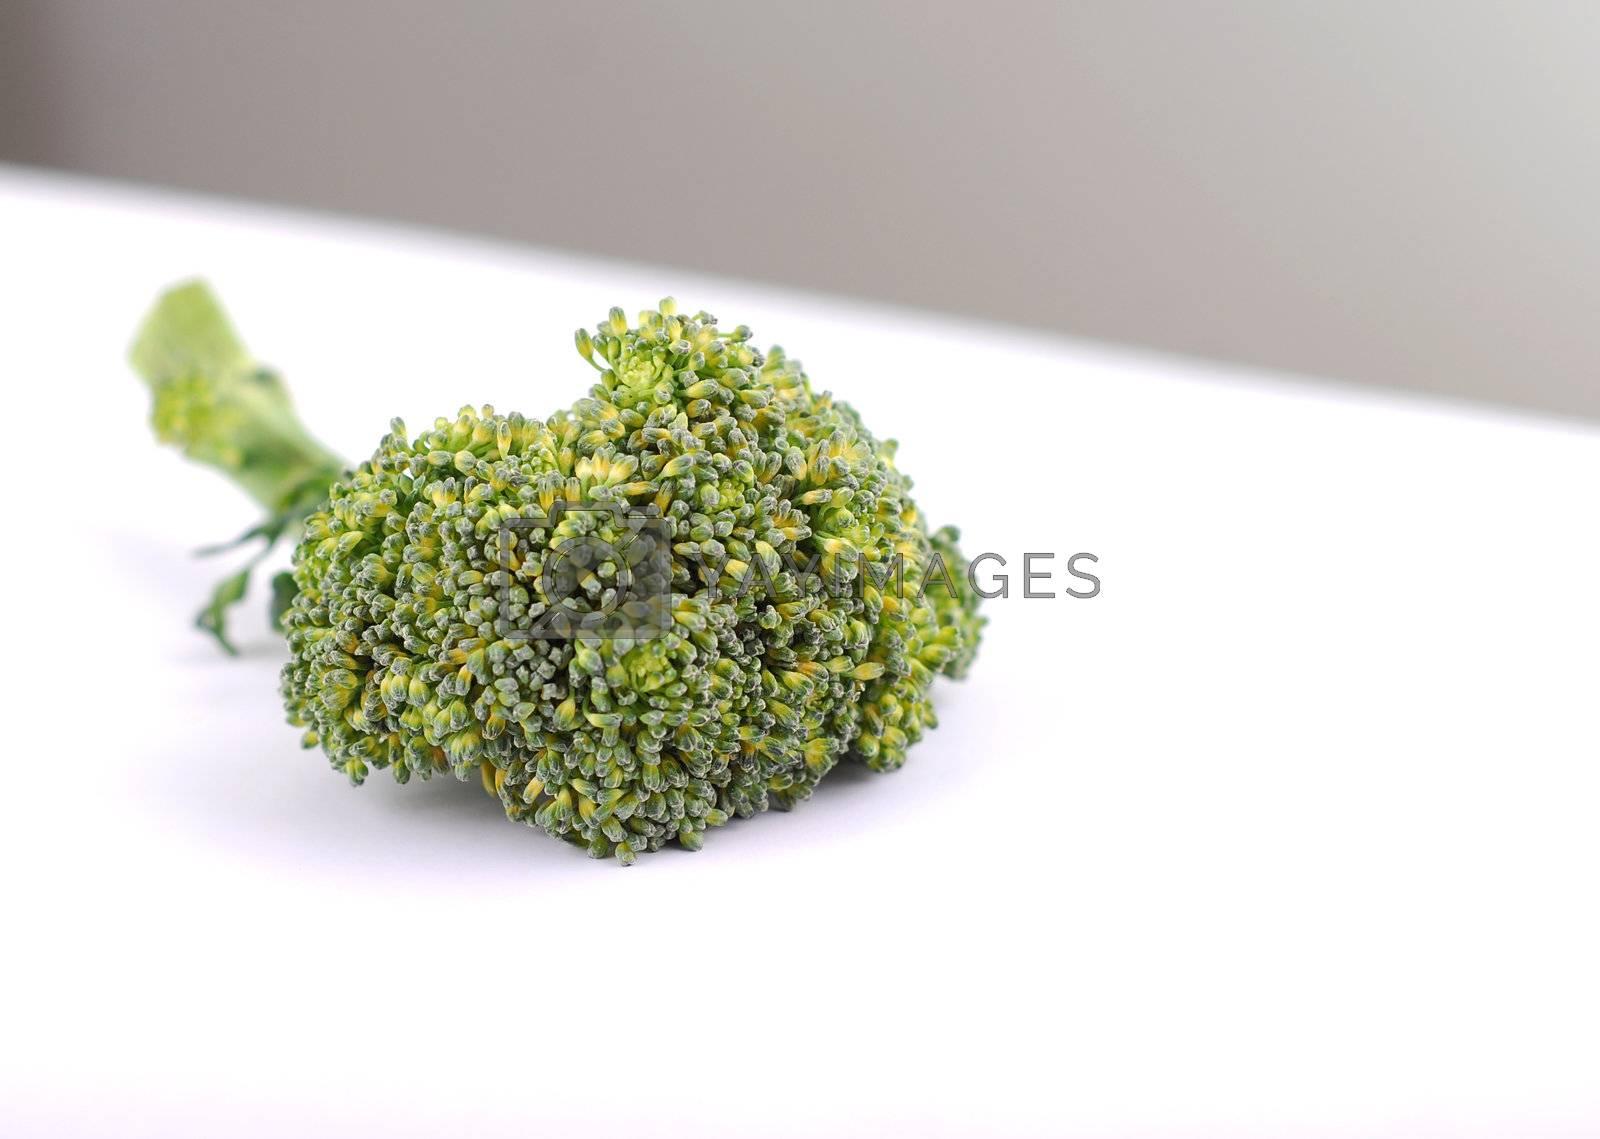 Ripe Broccoli Cabbage